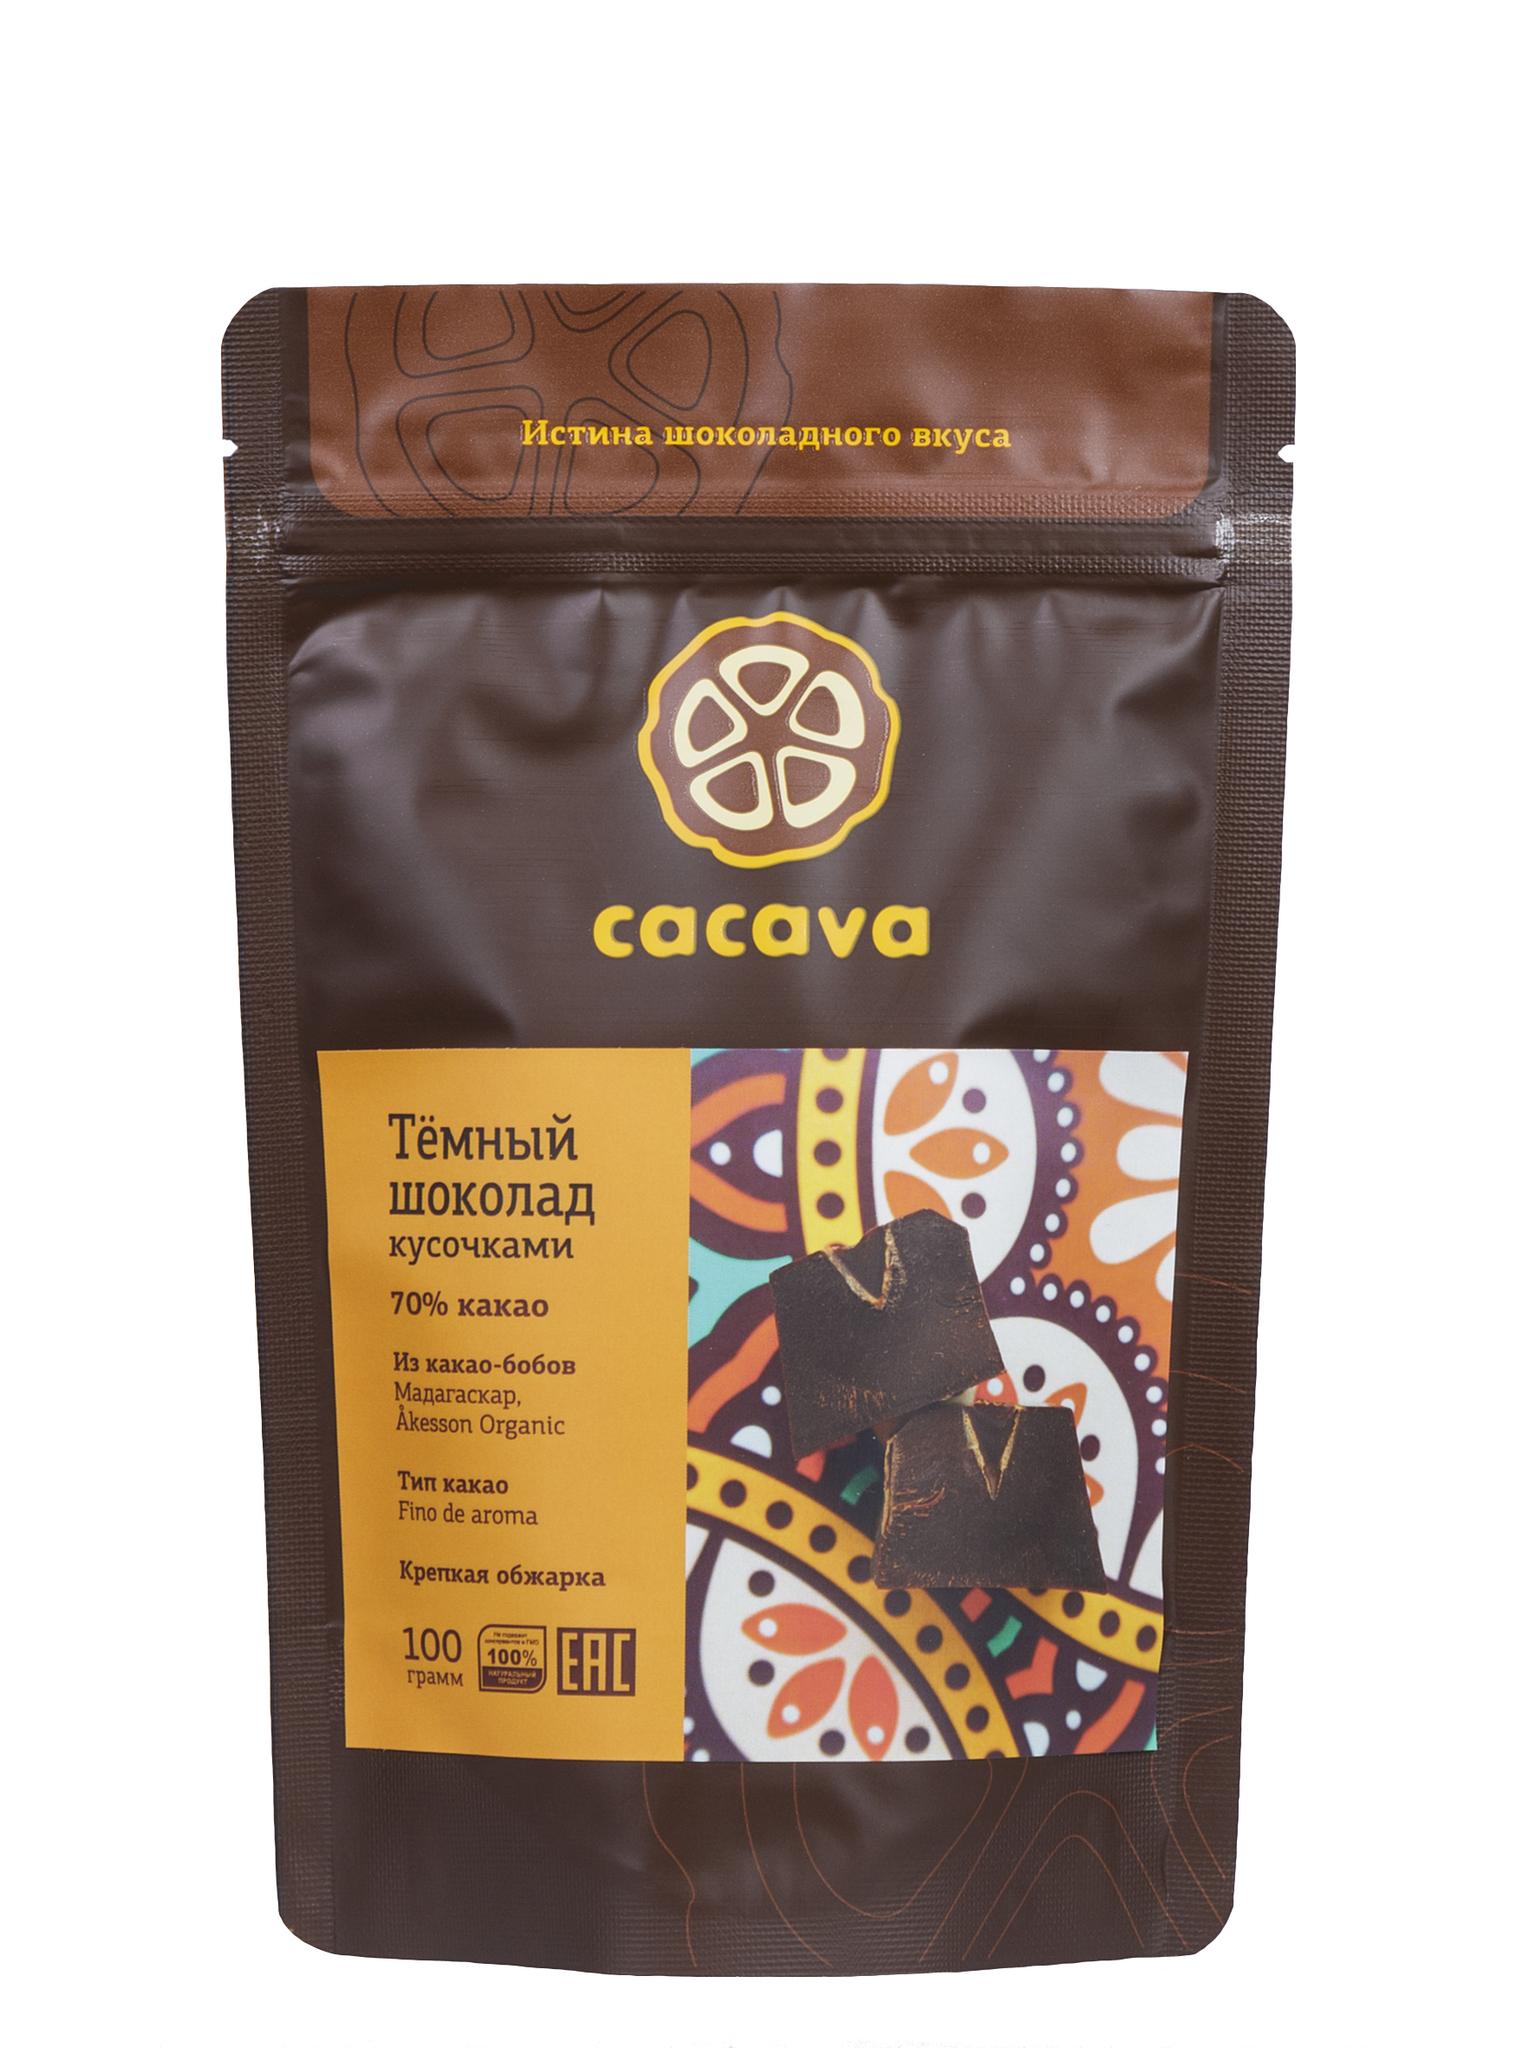 Тёмный шоколад 70 % какао (Мадагаскар, Åkesson), упаковка 100 грамм